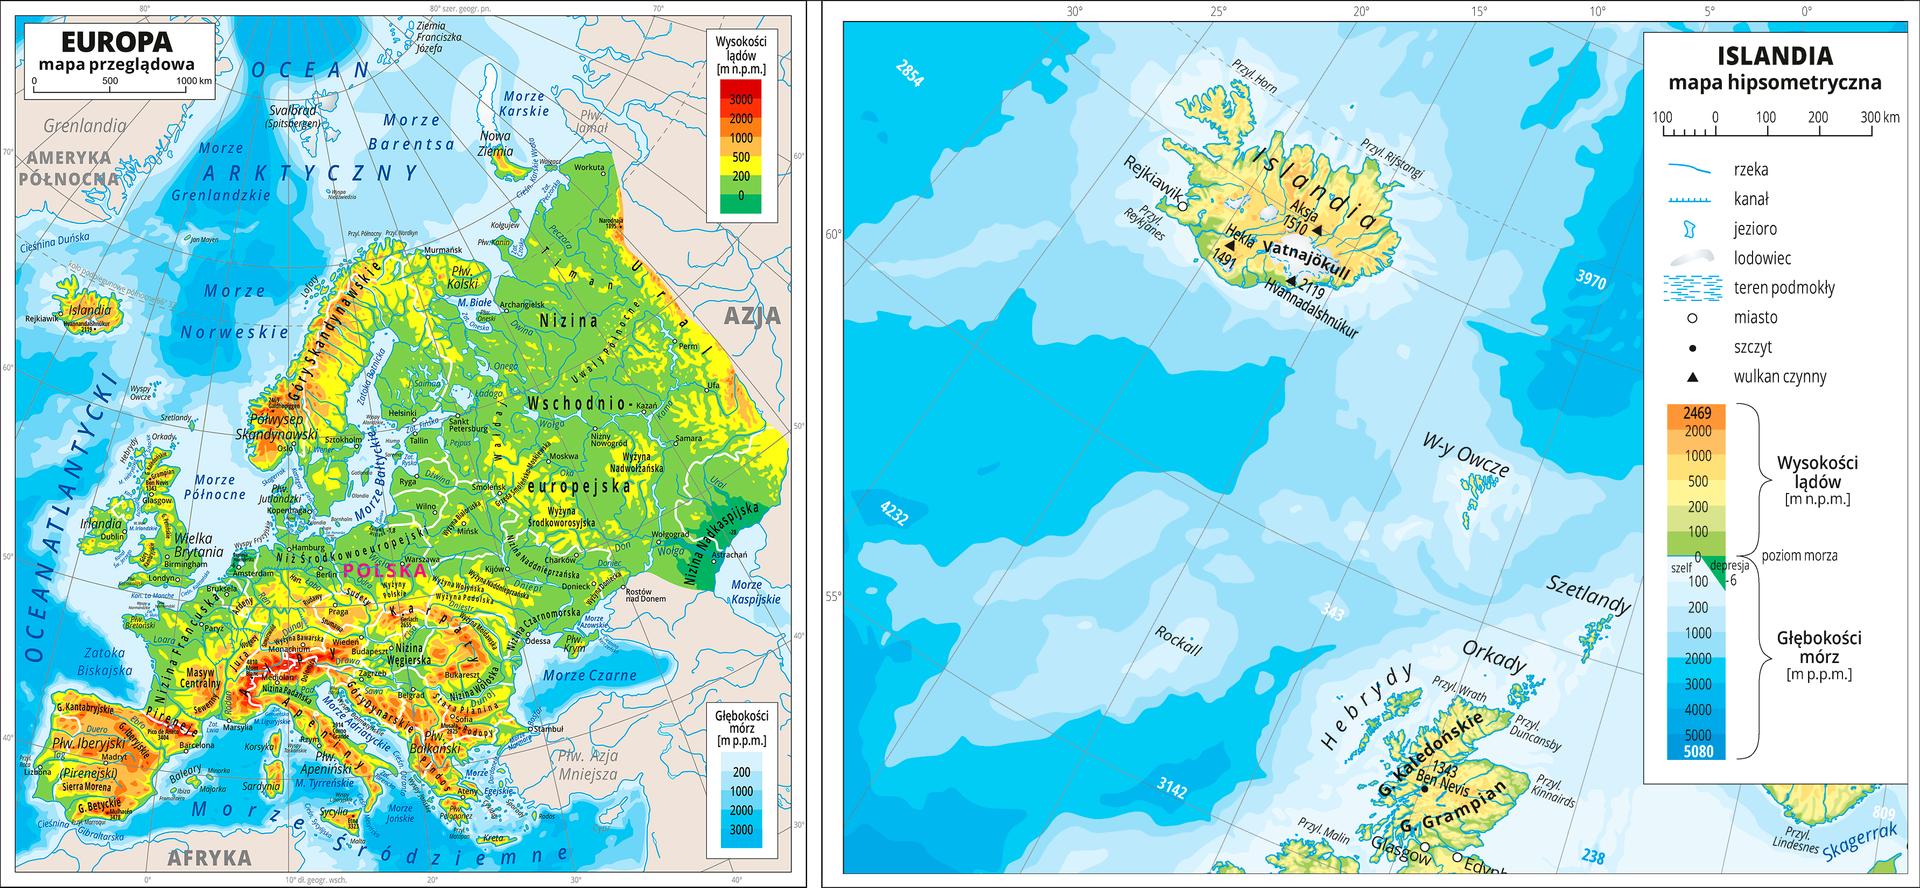 Dwie mapy obok siebie ukazują położenie Islandii, na mapie po lewej stronie pokazano Europę oraz oraz Islandię umiejscowioną po północno – wschodniej stronie Europy na Oceanie Atlantyckim. Obok mapa ukazuje samą Islandię na Oceanie Atlantyckim. Na obu mapach zastosowano skalę barw dla ukazania wysokości. Kolor zielony oznacza niziny, żółty -wyżyny, aczerwony - góry. Kolorem niebieskim zaznaczono morza ioceany. Białe plamy na terenie Islandii to lodowce.